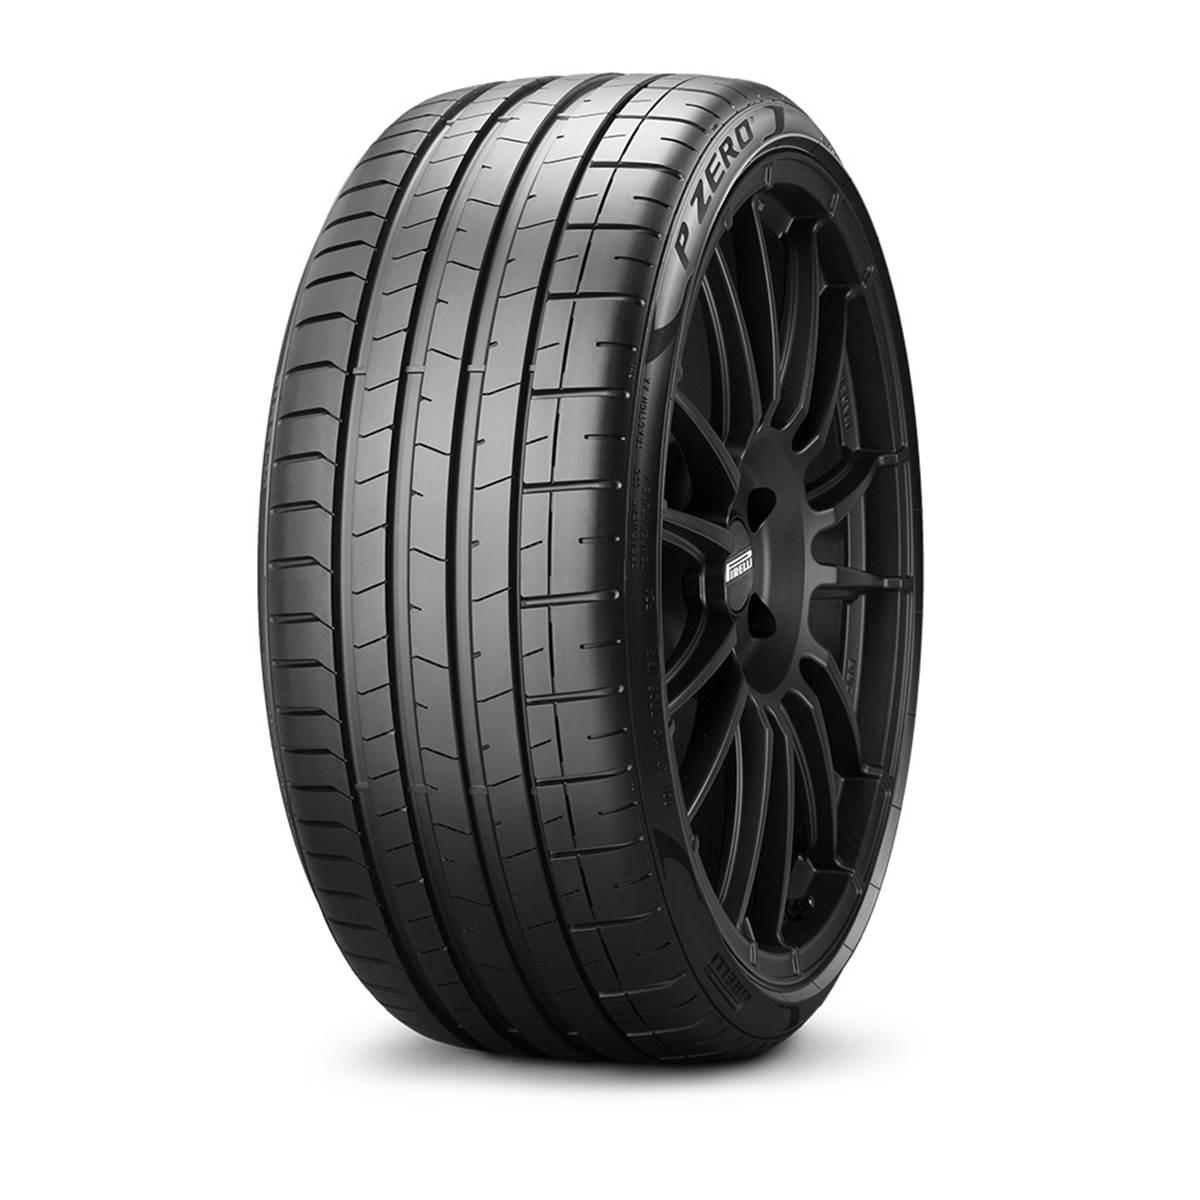 Pneu Pirelli 225/40R18 92Y Pzero XL